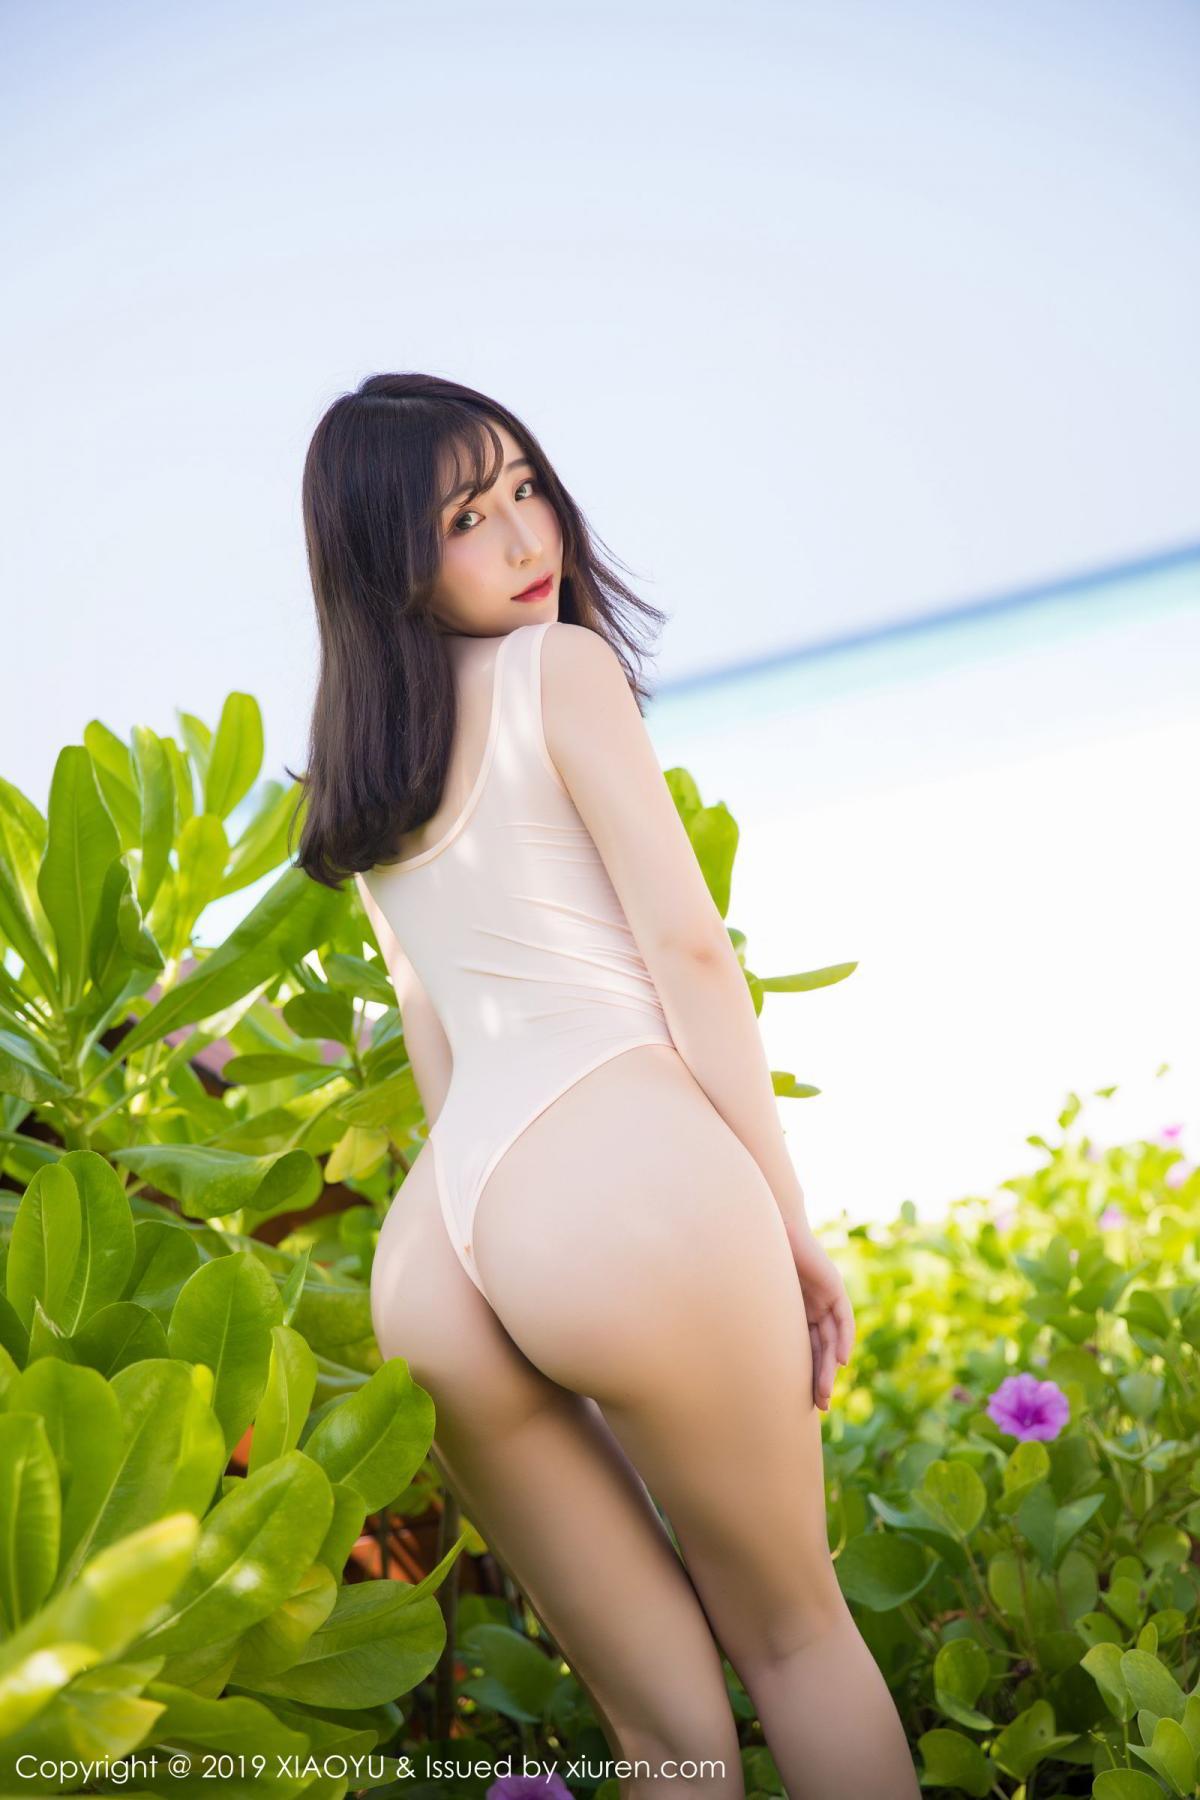 [XiaoYu] Vol.155 Xie Zhi Xin 28P, Bathroom, Big Booty, Wet, XiaoYu, Xie Zhi Xin